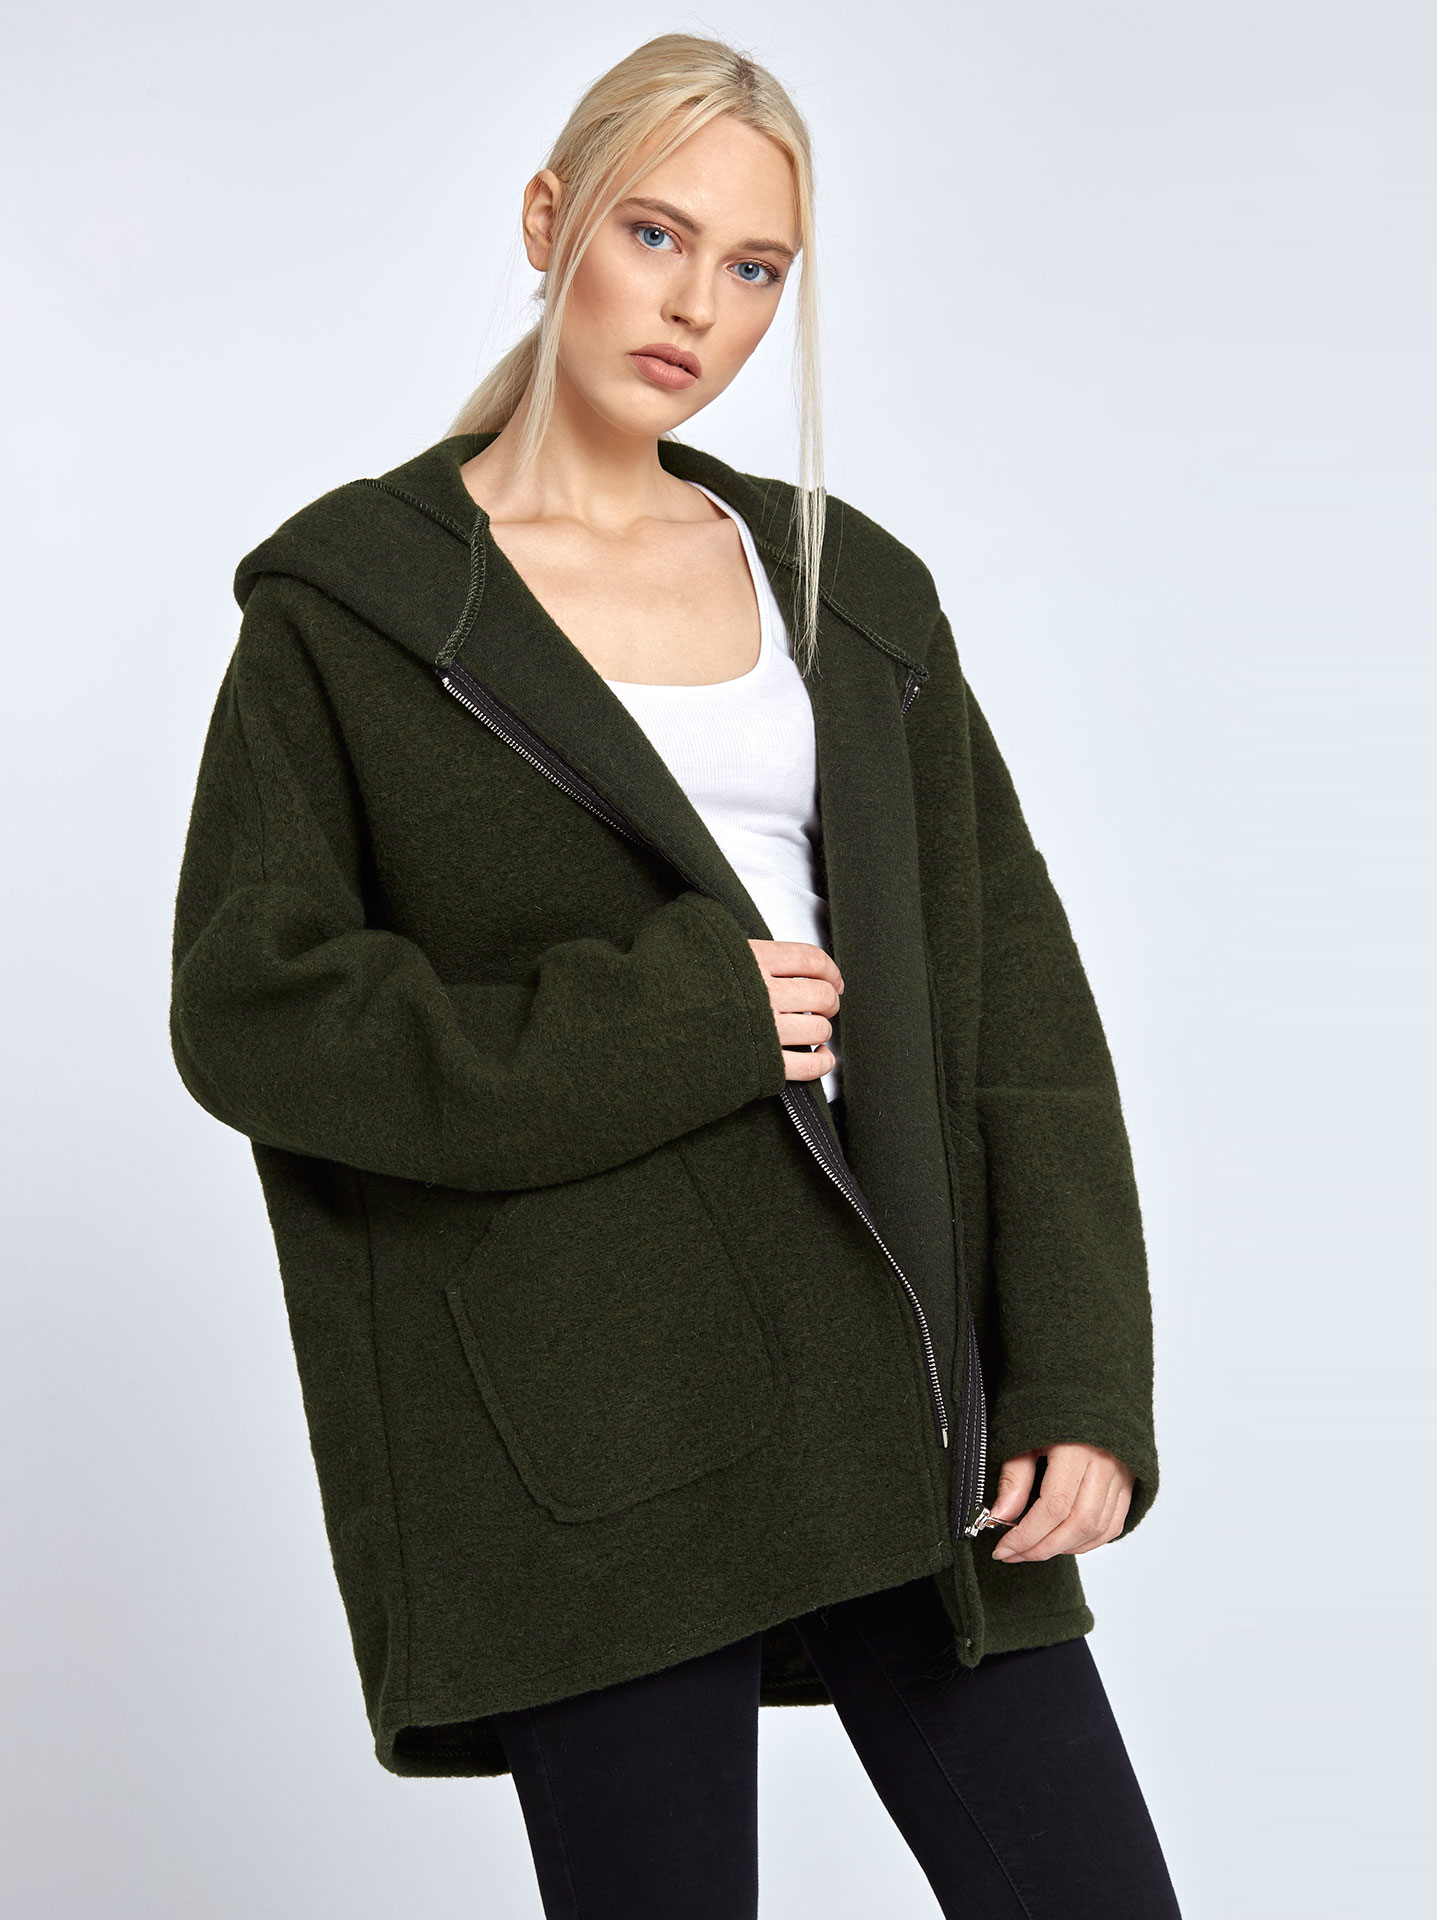 Μπουκλέ παλτό με κουκούλα σε χακι ad8ff5a34c6